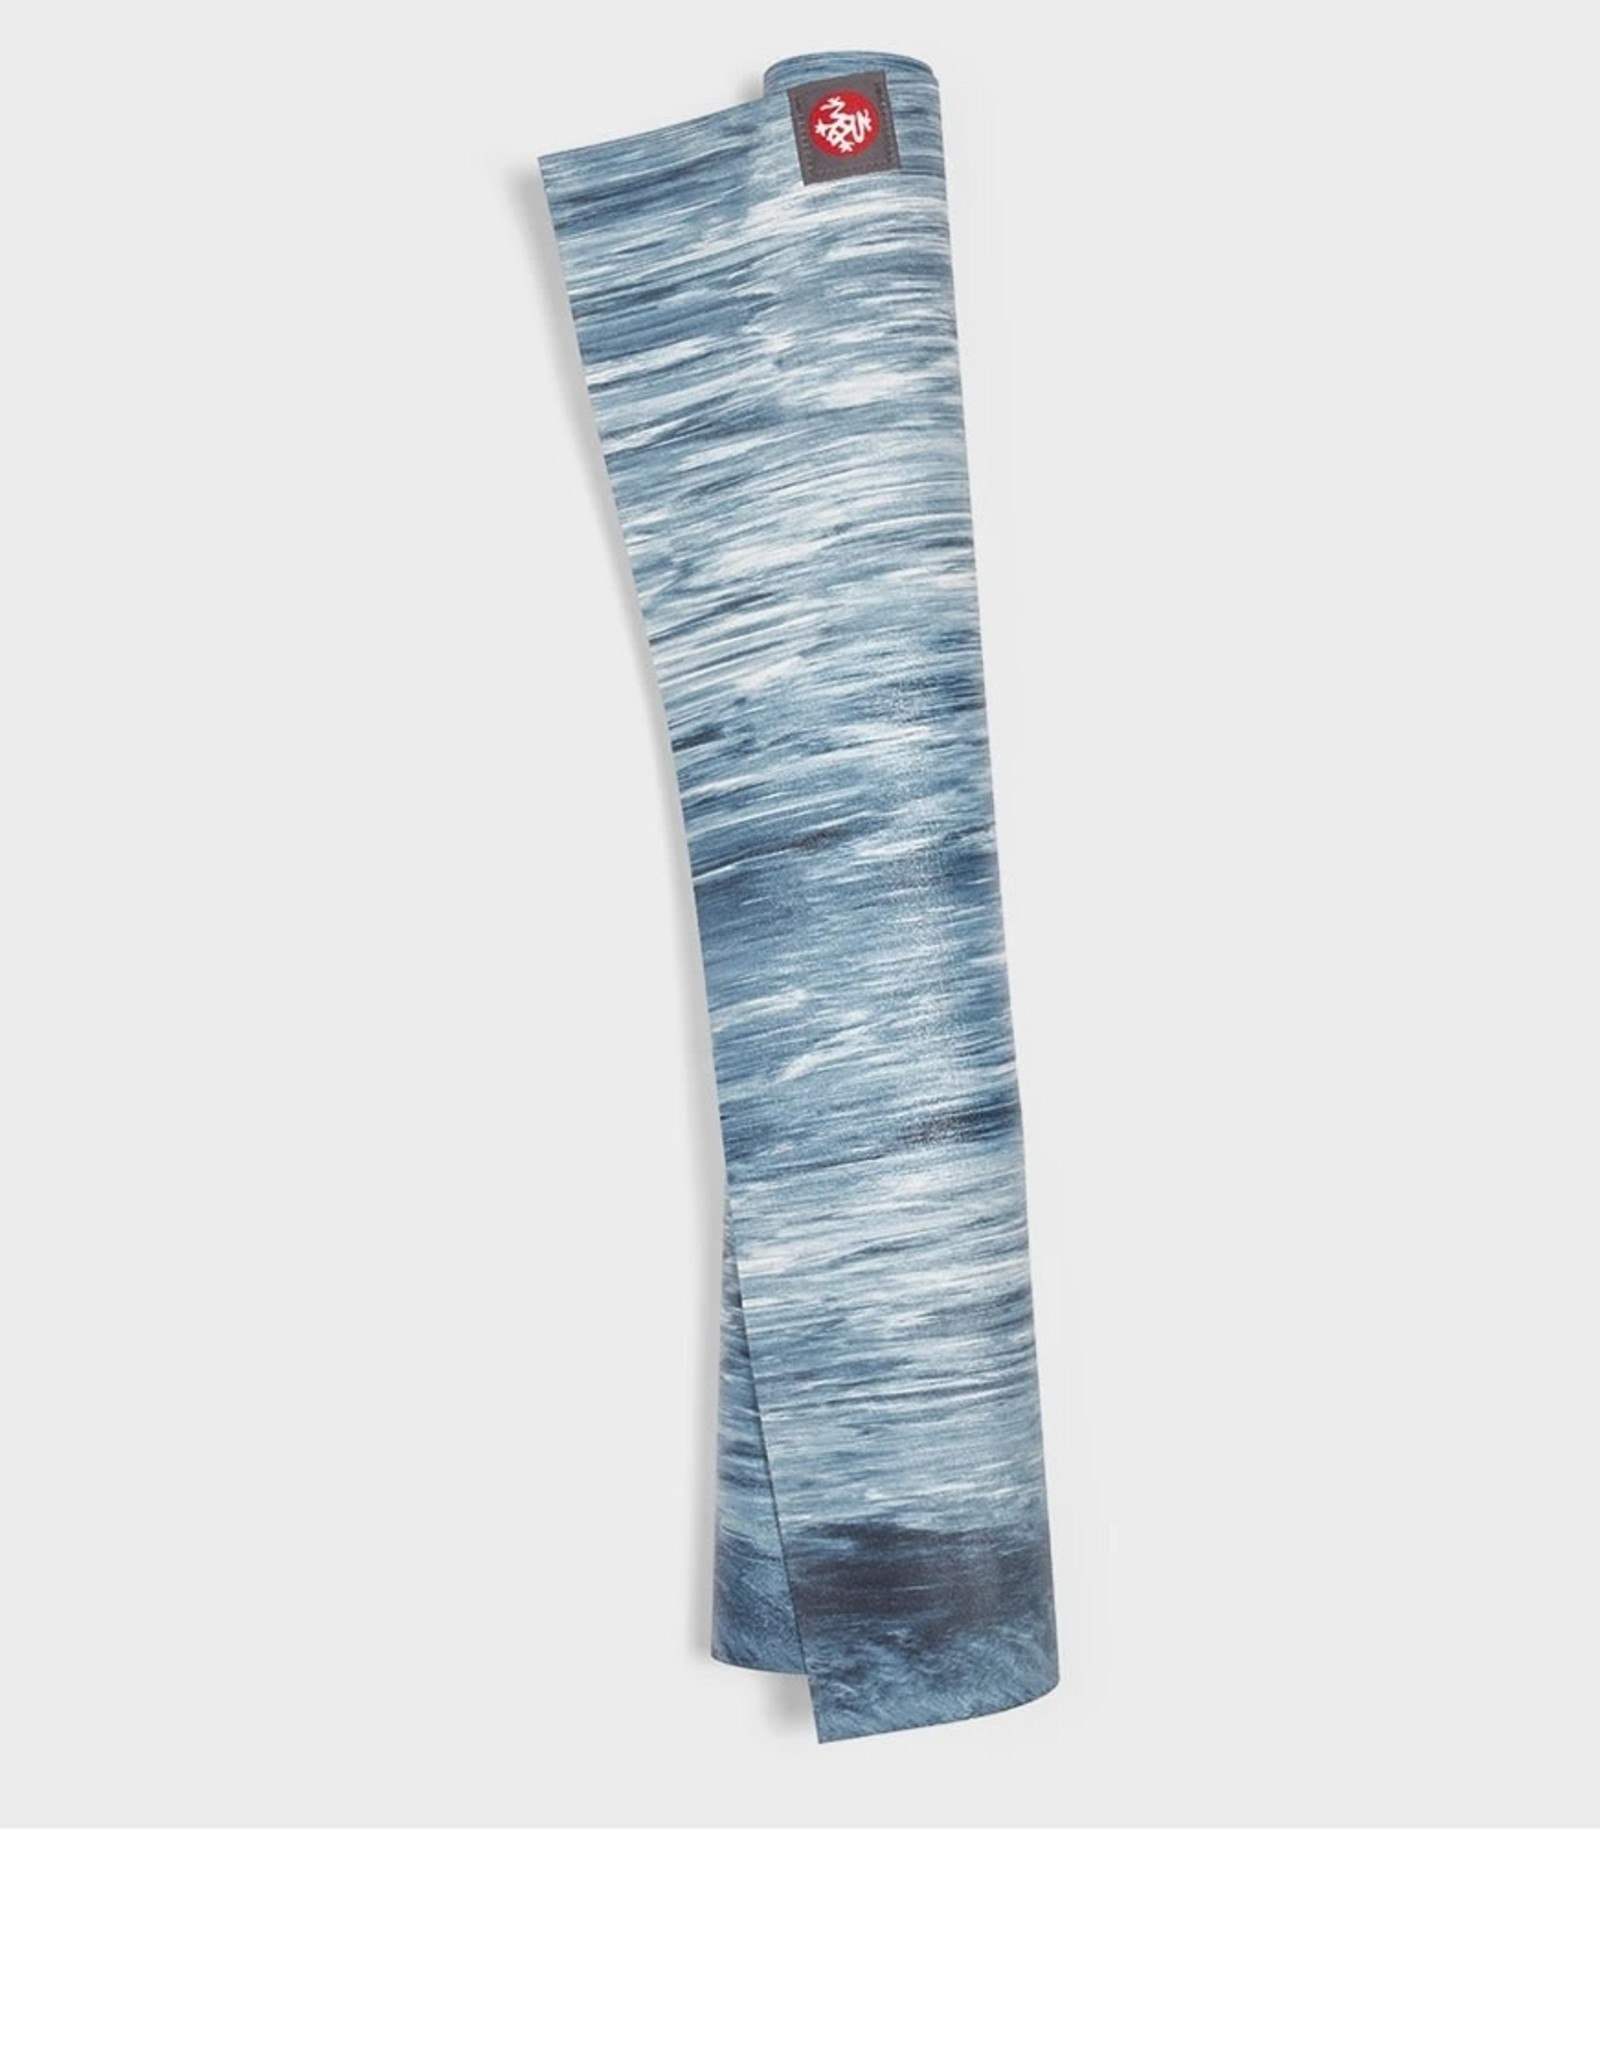 Manduka eKO SuperLite  Travel 1.5mm - Ebb Marbled